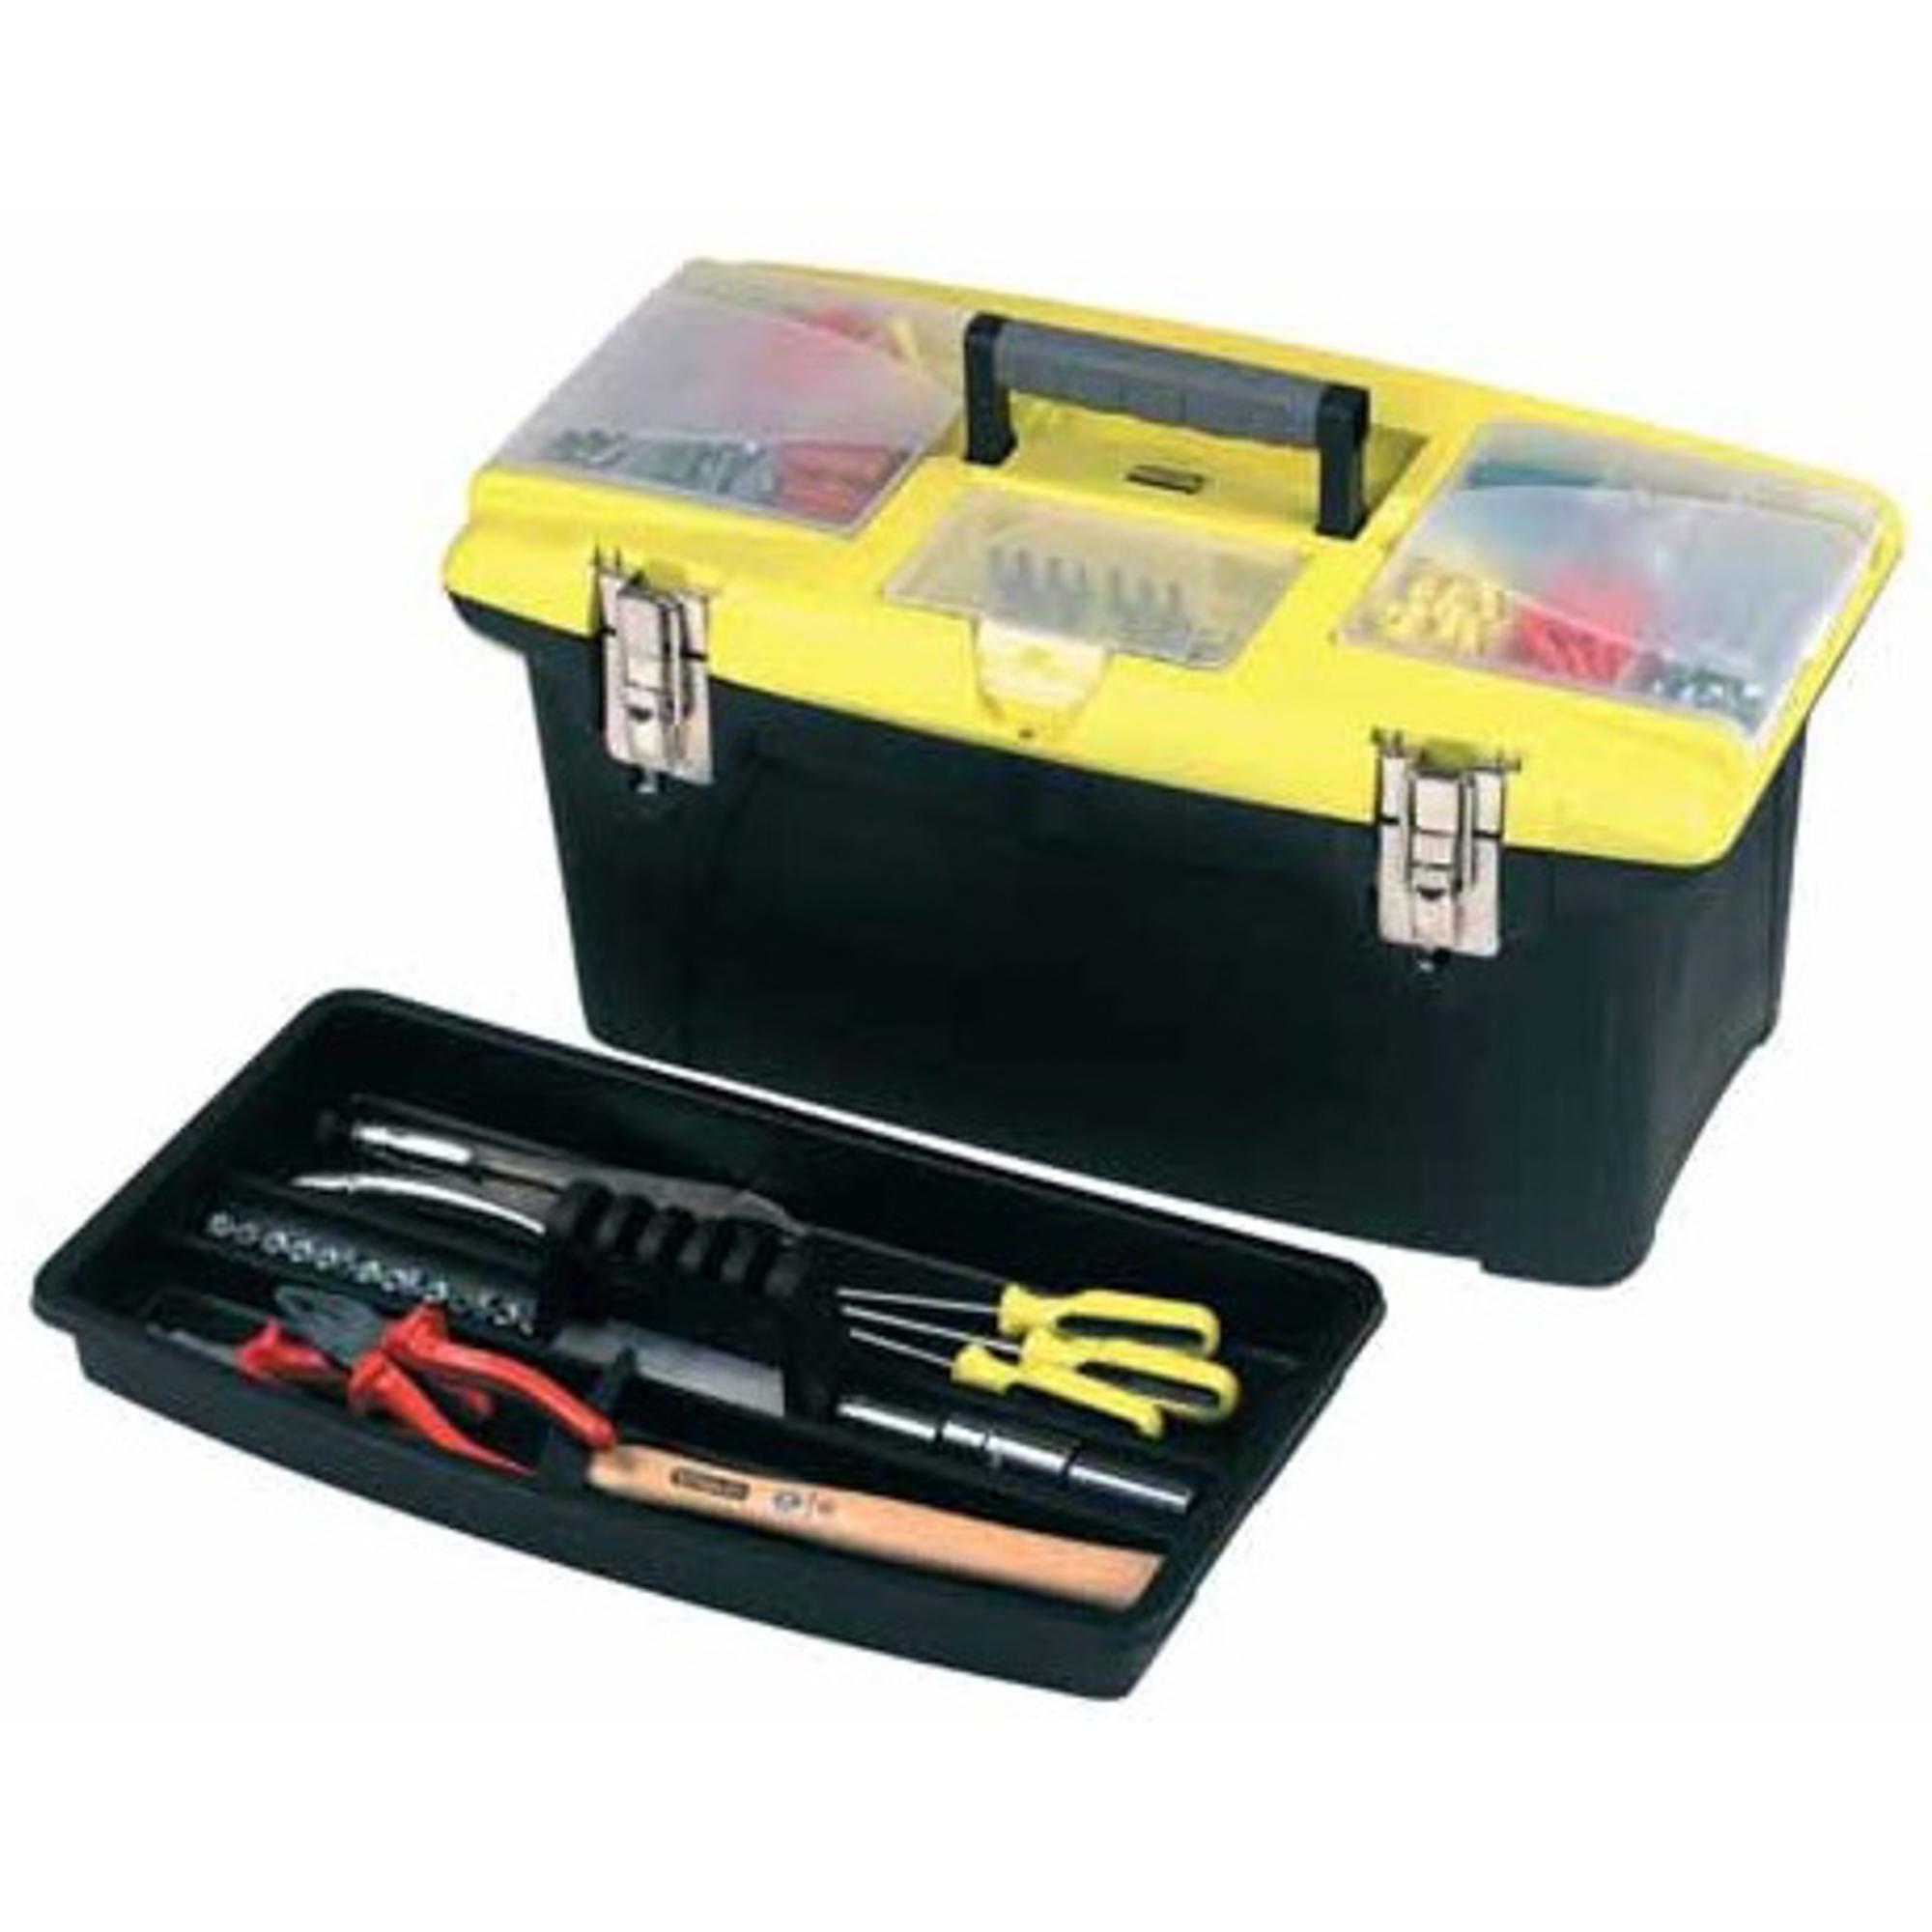 Ящик для инструмента Jumbo STANLEY 16 шт ящик для инструмента stanley jumbo черно желтый металлопластмассовый 16 дюймов 39 4х25 4х17 8 см